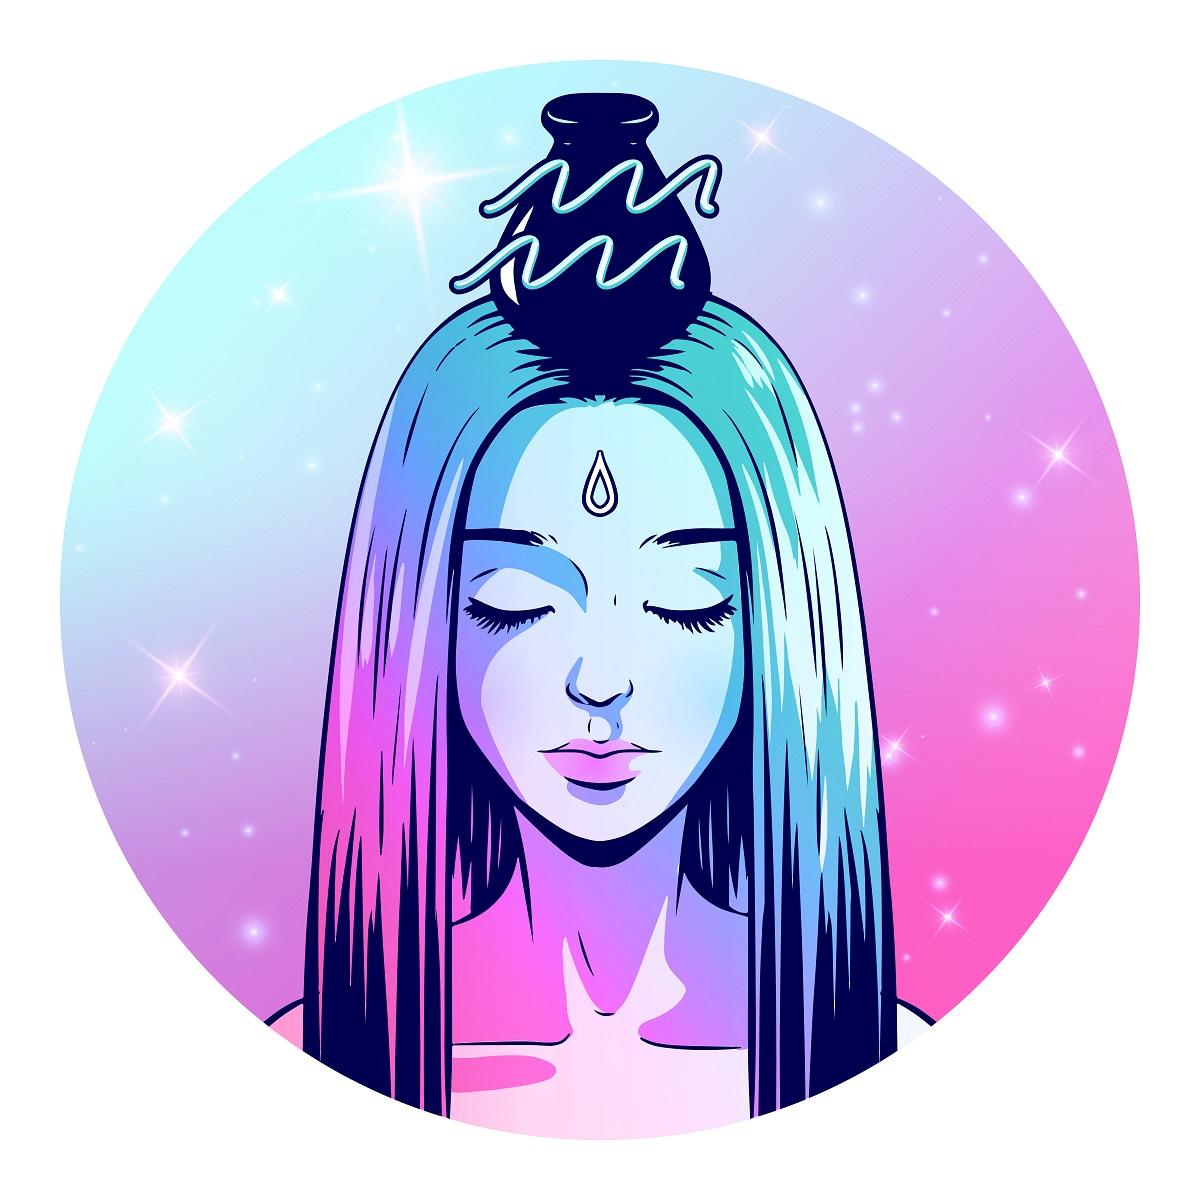 Zodia Vărsător reprezentată de o femeie frumoasă cu părul lung și drept care poartă pe cap un vas antic